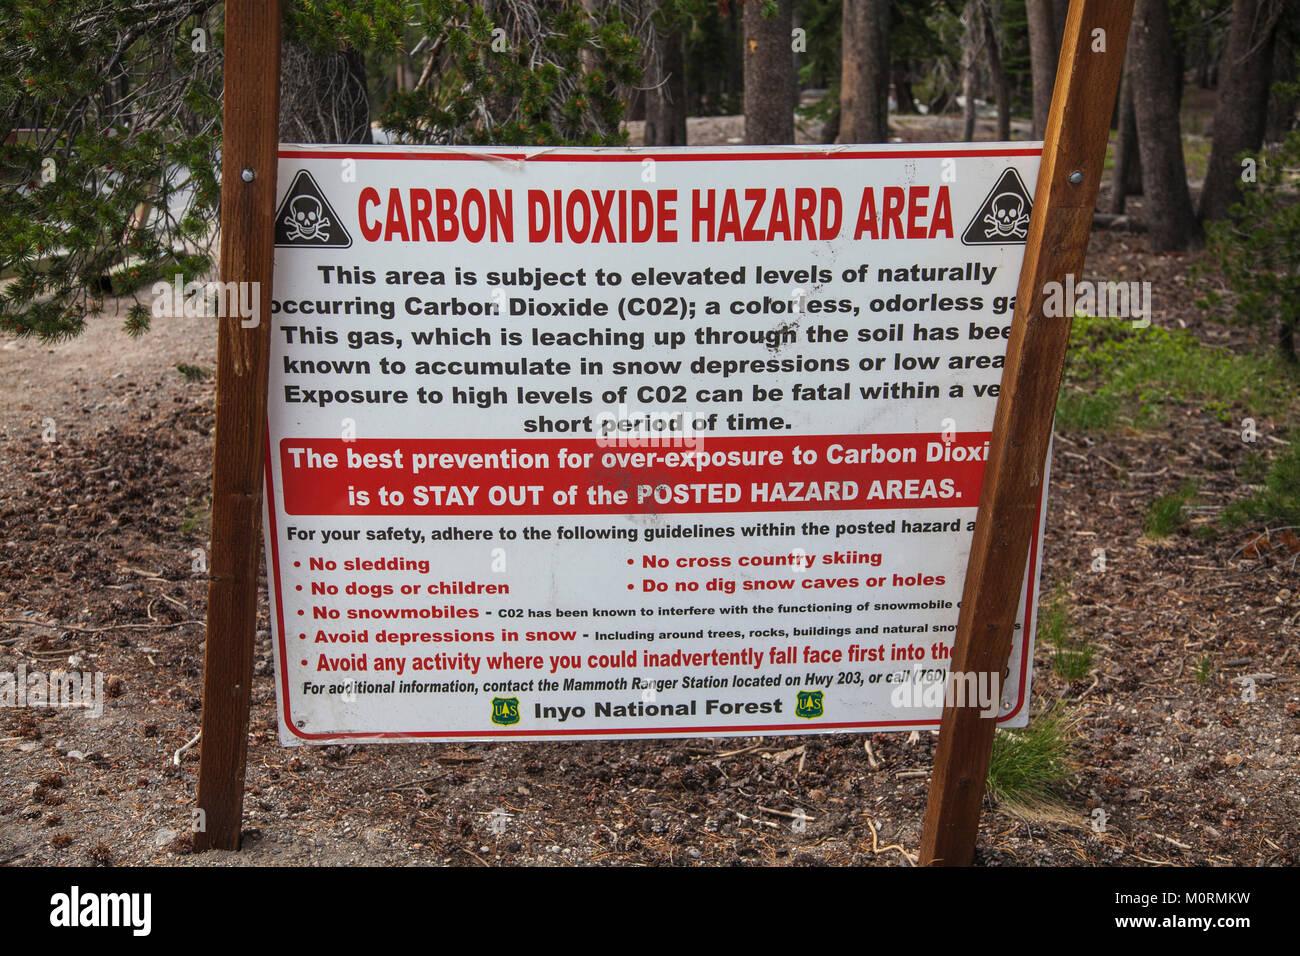 Il biossido di carbonio Area di Pericolo cartello segnaletico. Gli alberi morti intorno al lago a ferro di cavallo. Immagini Stock